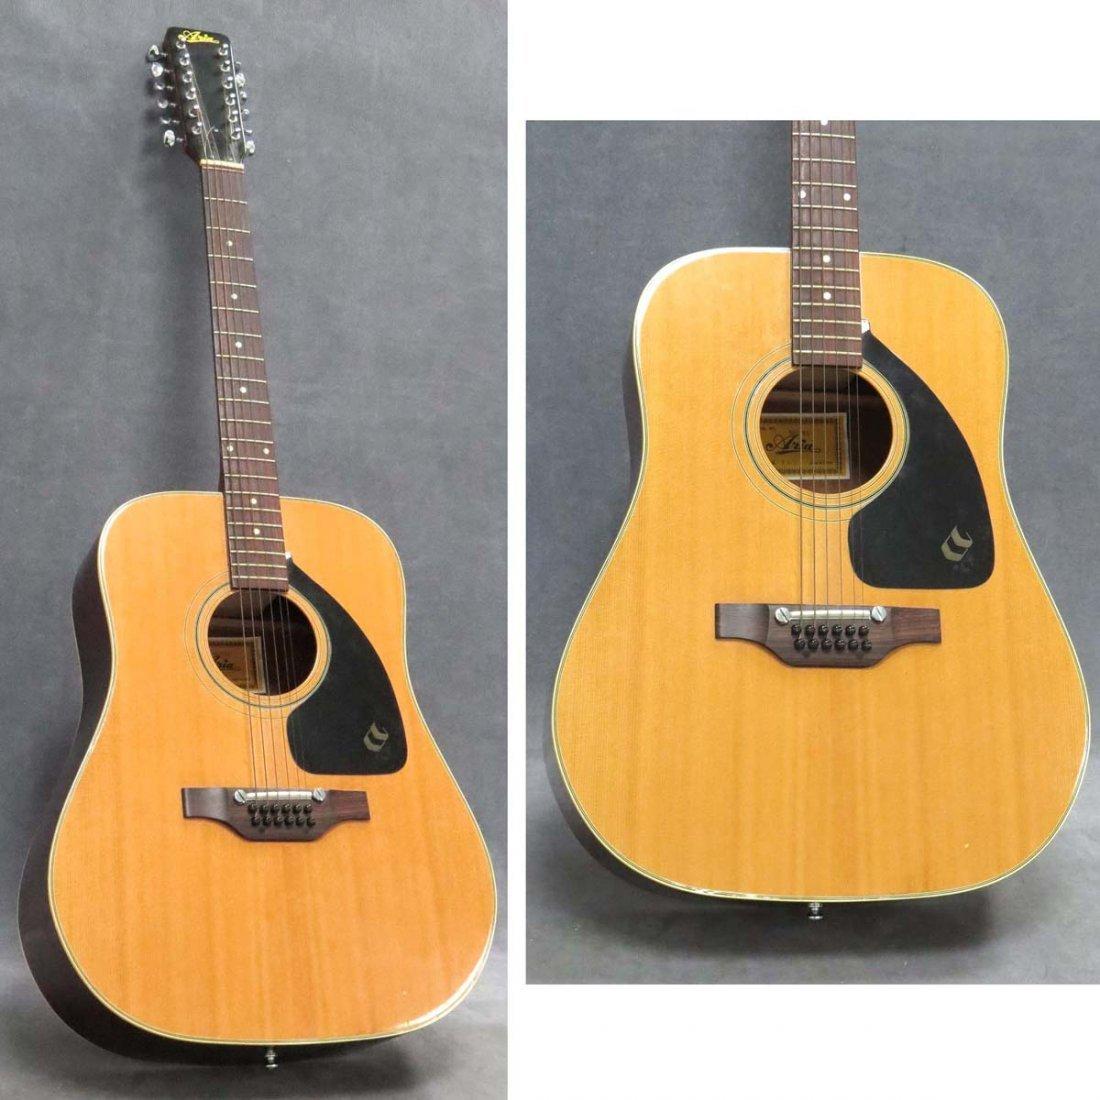 model 795 acoustic guitar